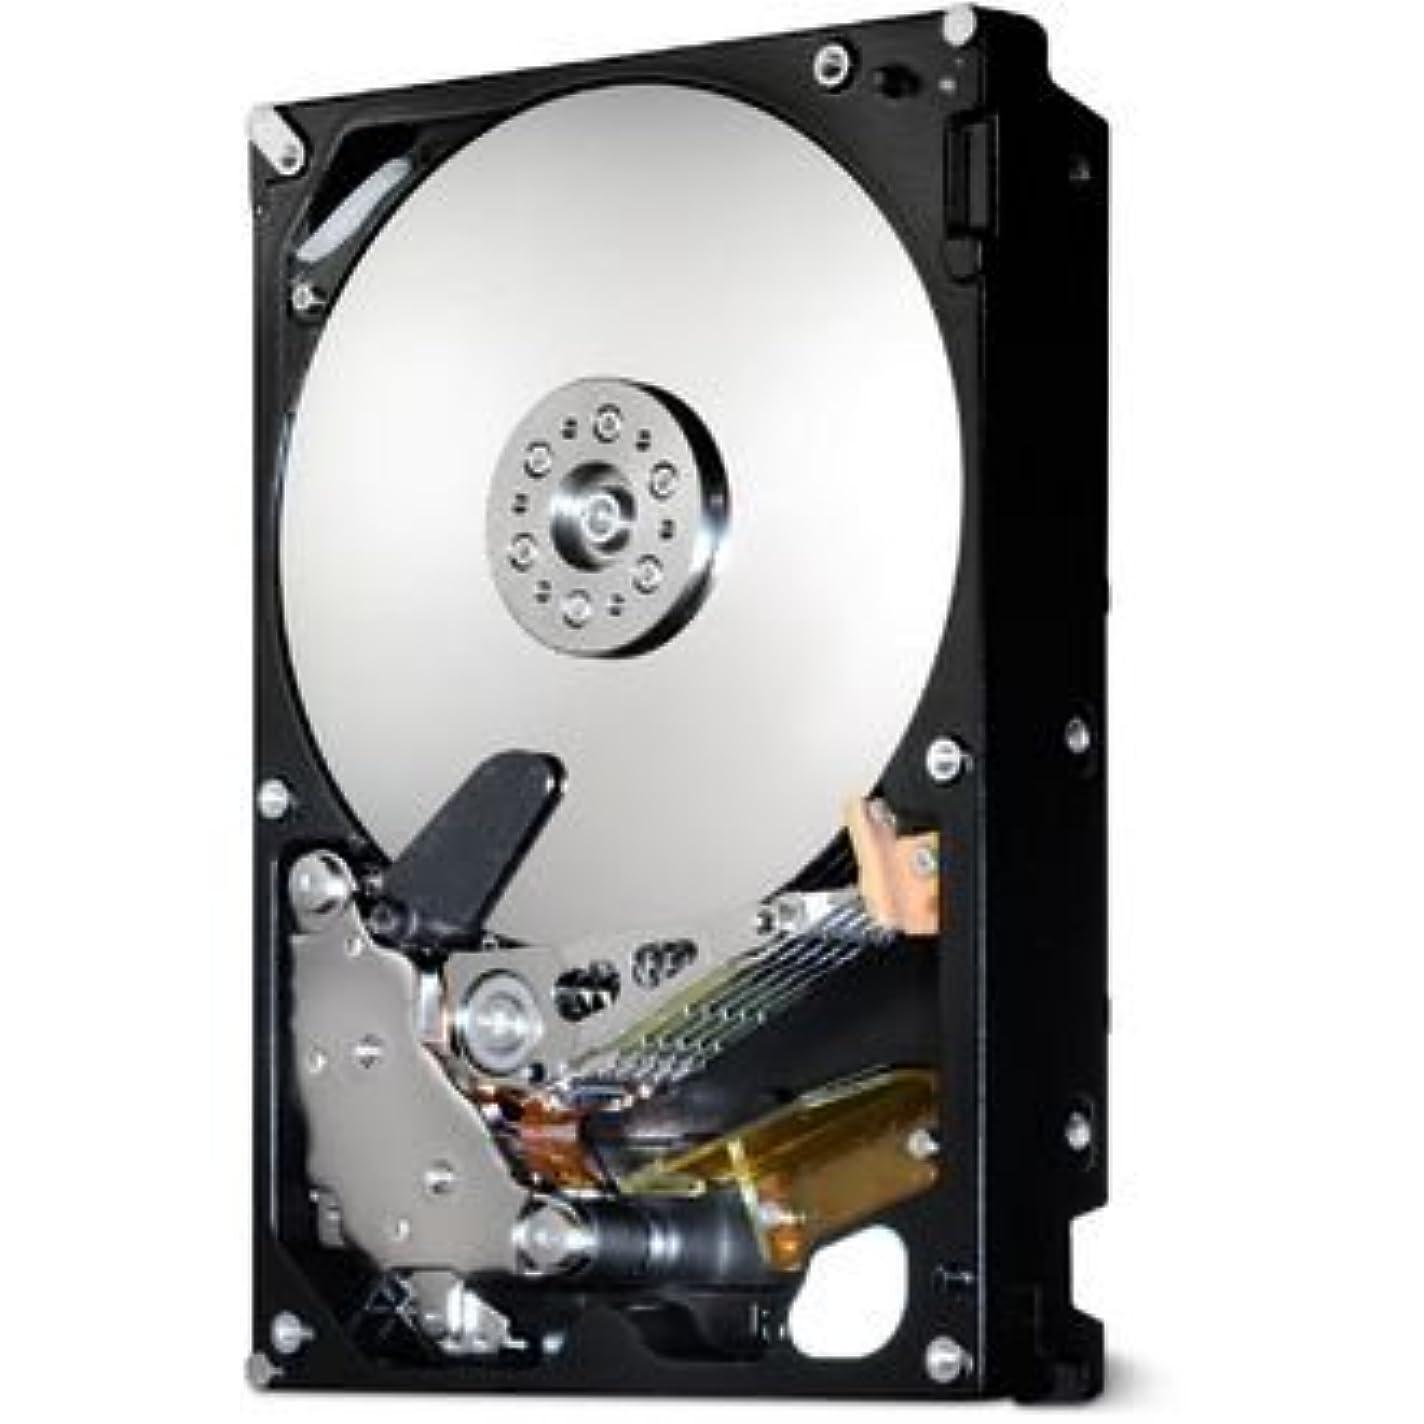 コテージ協力面白い日立GST Deskstar 7K1000.B(1TB/SATA3G/7200rpm/16MB) HDT721010SLA360-R